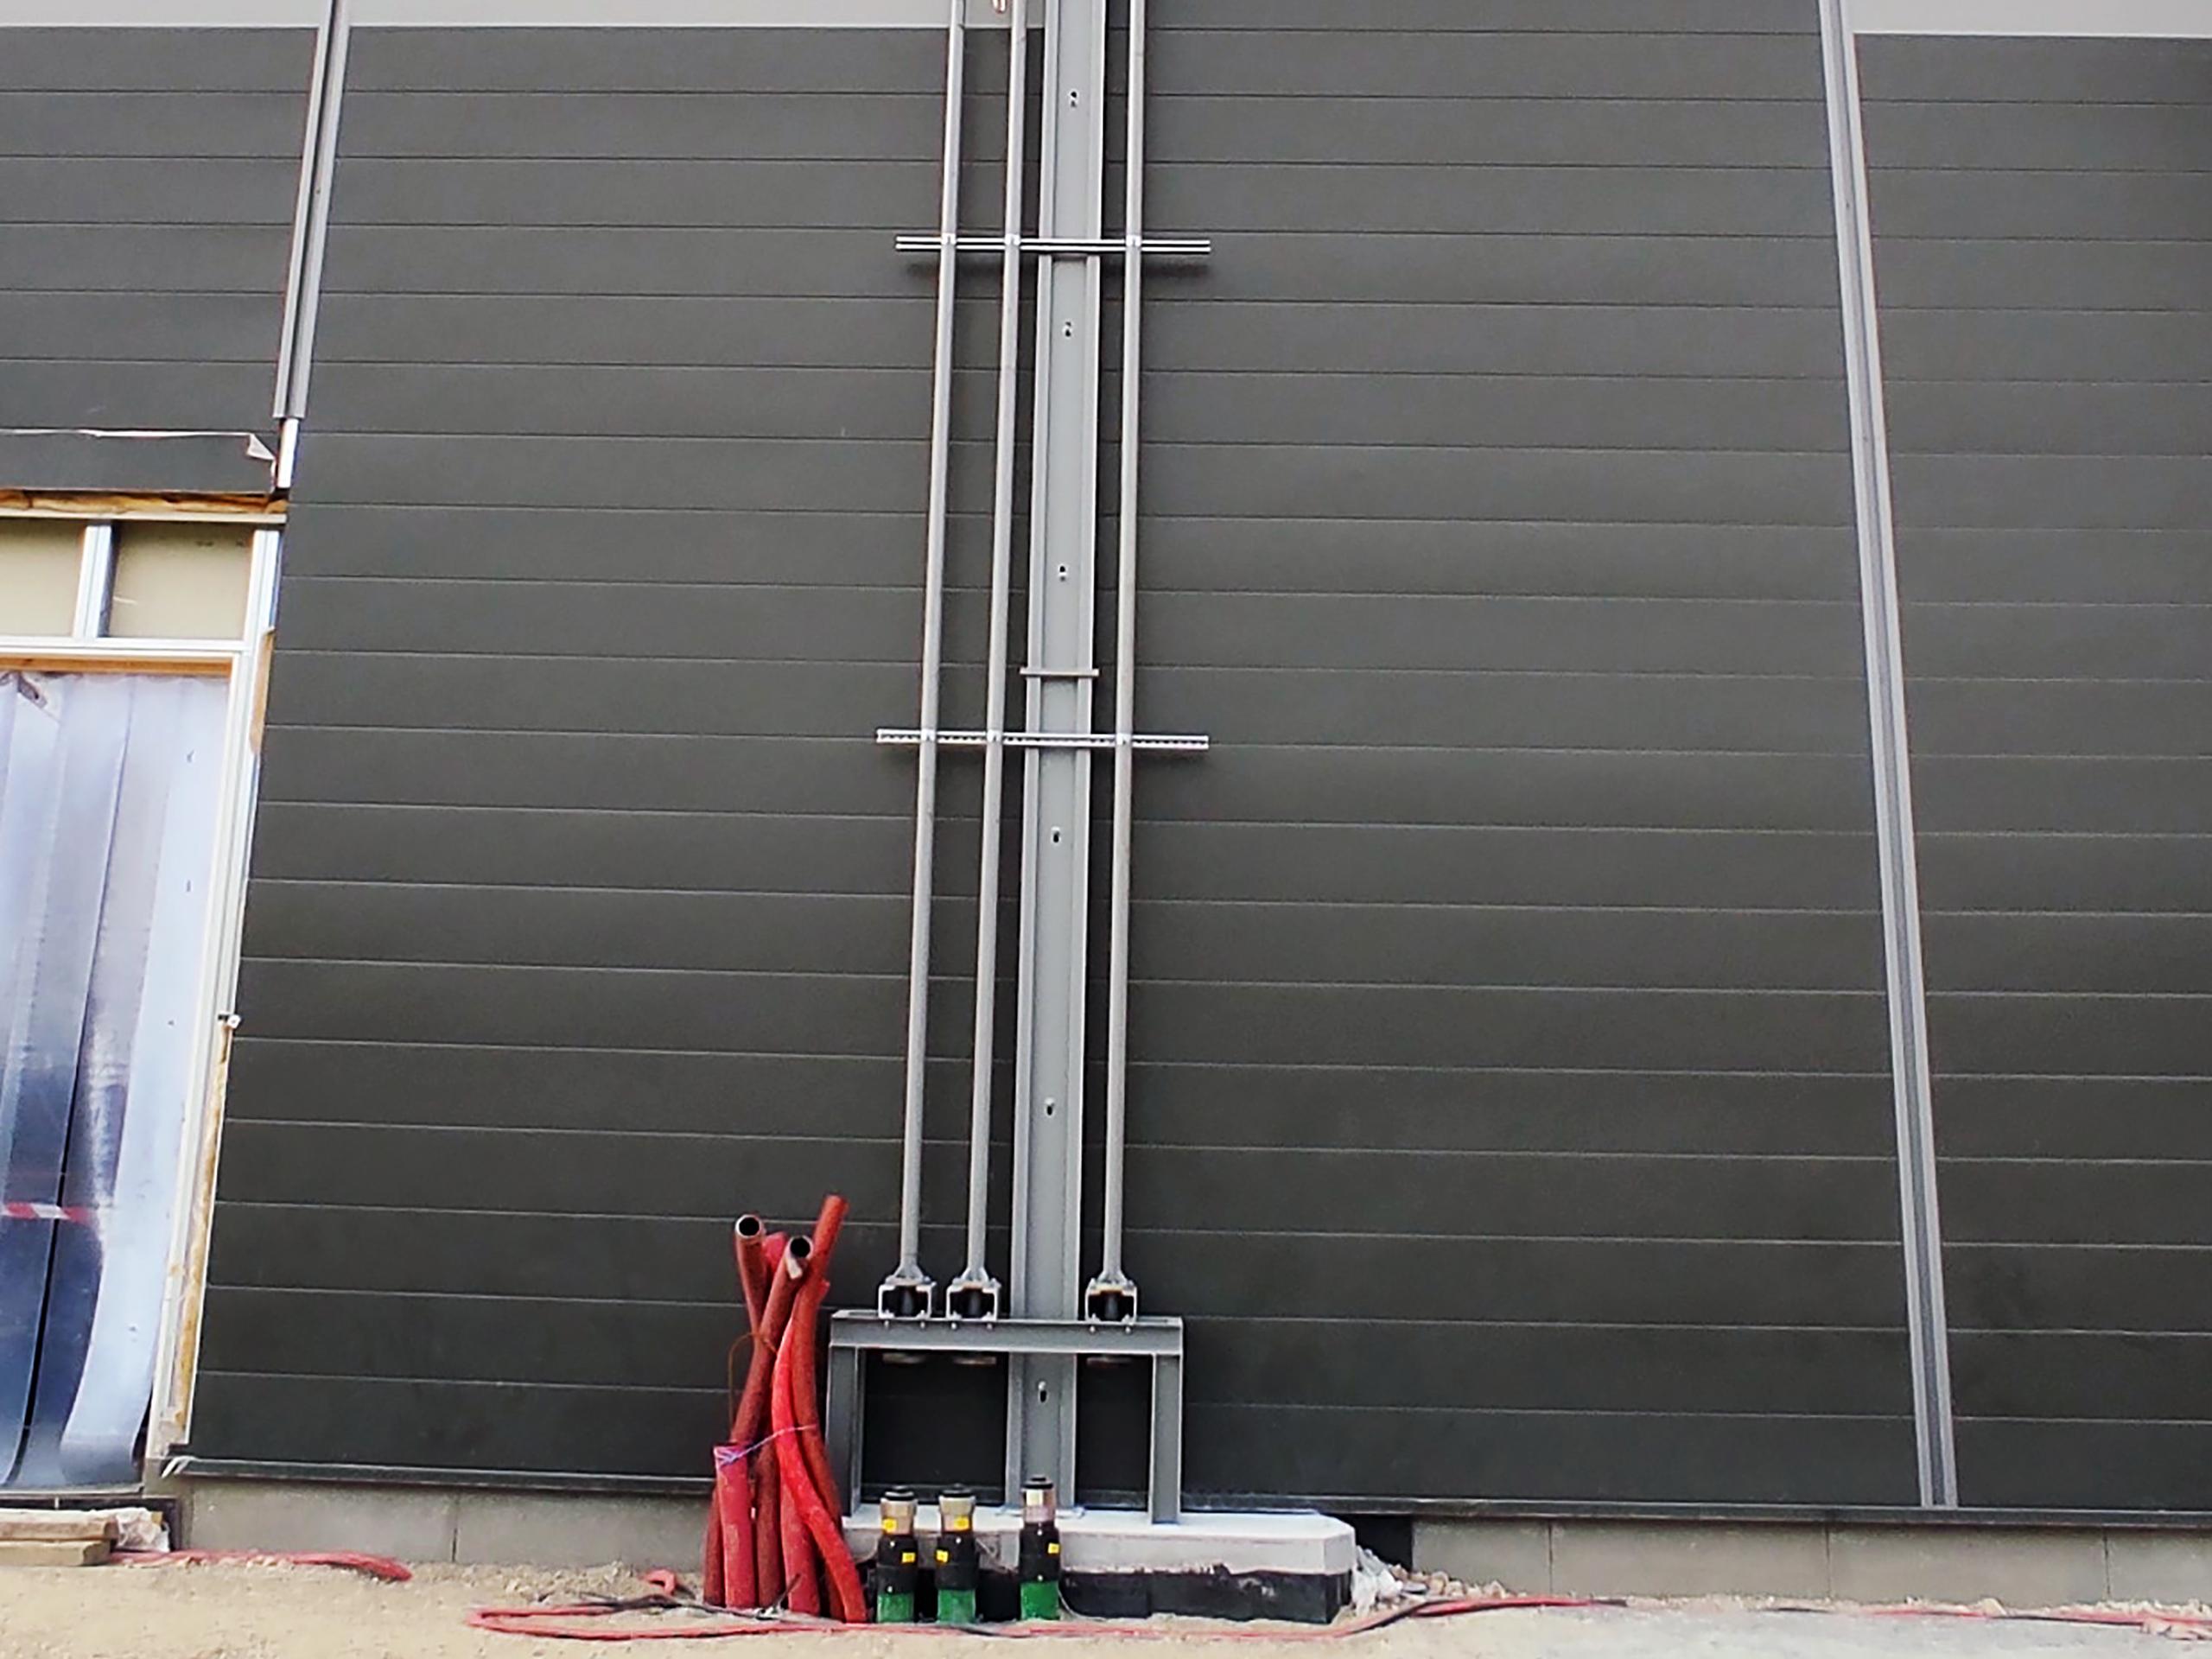 """Se instaló la tubería KPS de doble pared de 75/63 mm (2"""") para conectar los tanques de combustible a la tubería metálica que sube por la pared exterior de la instalación hasta el tejado"""